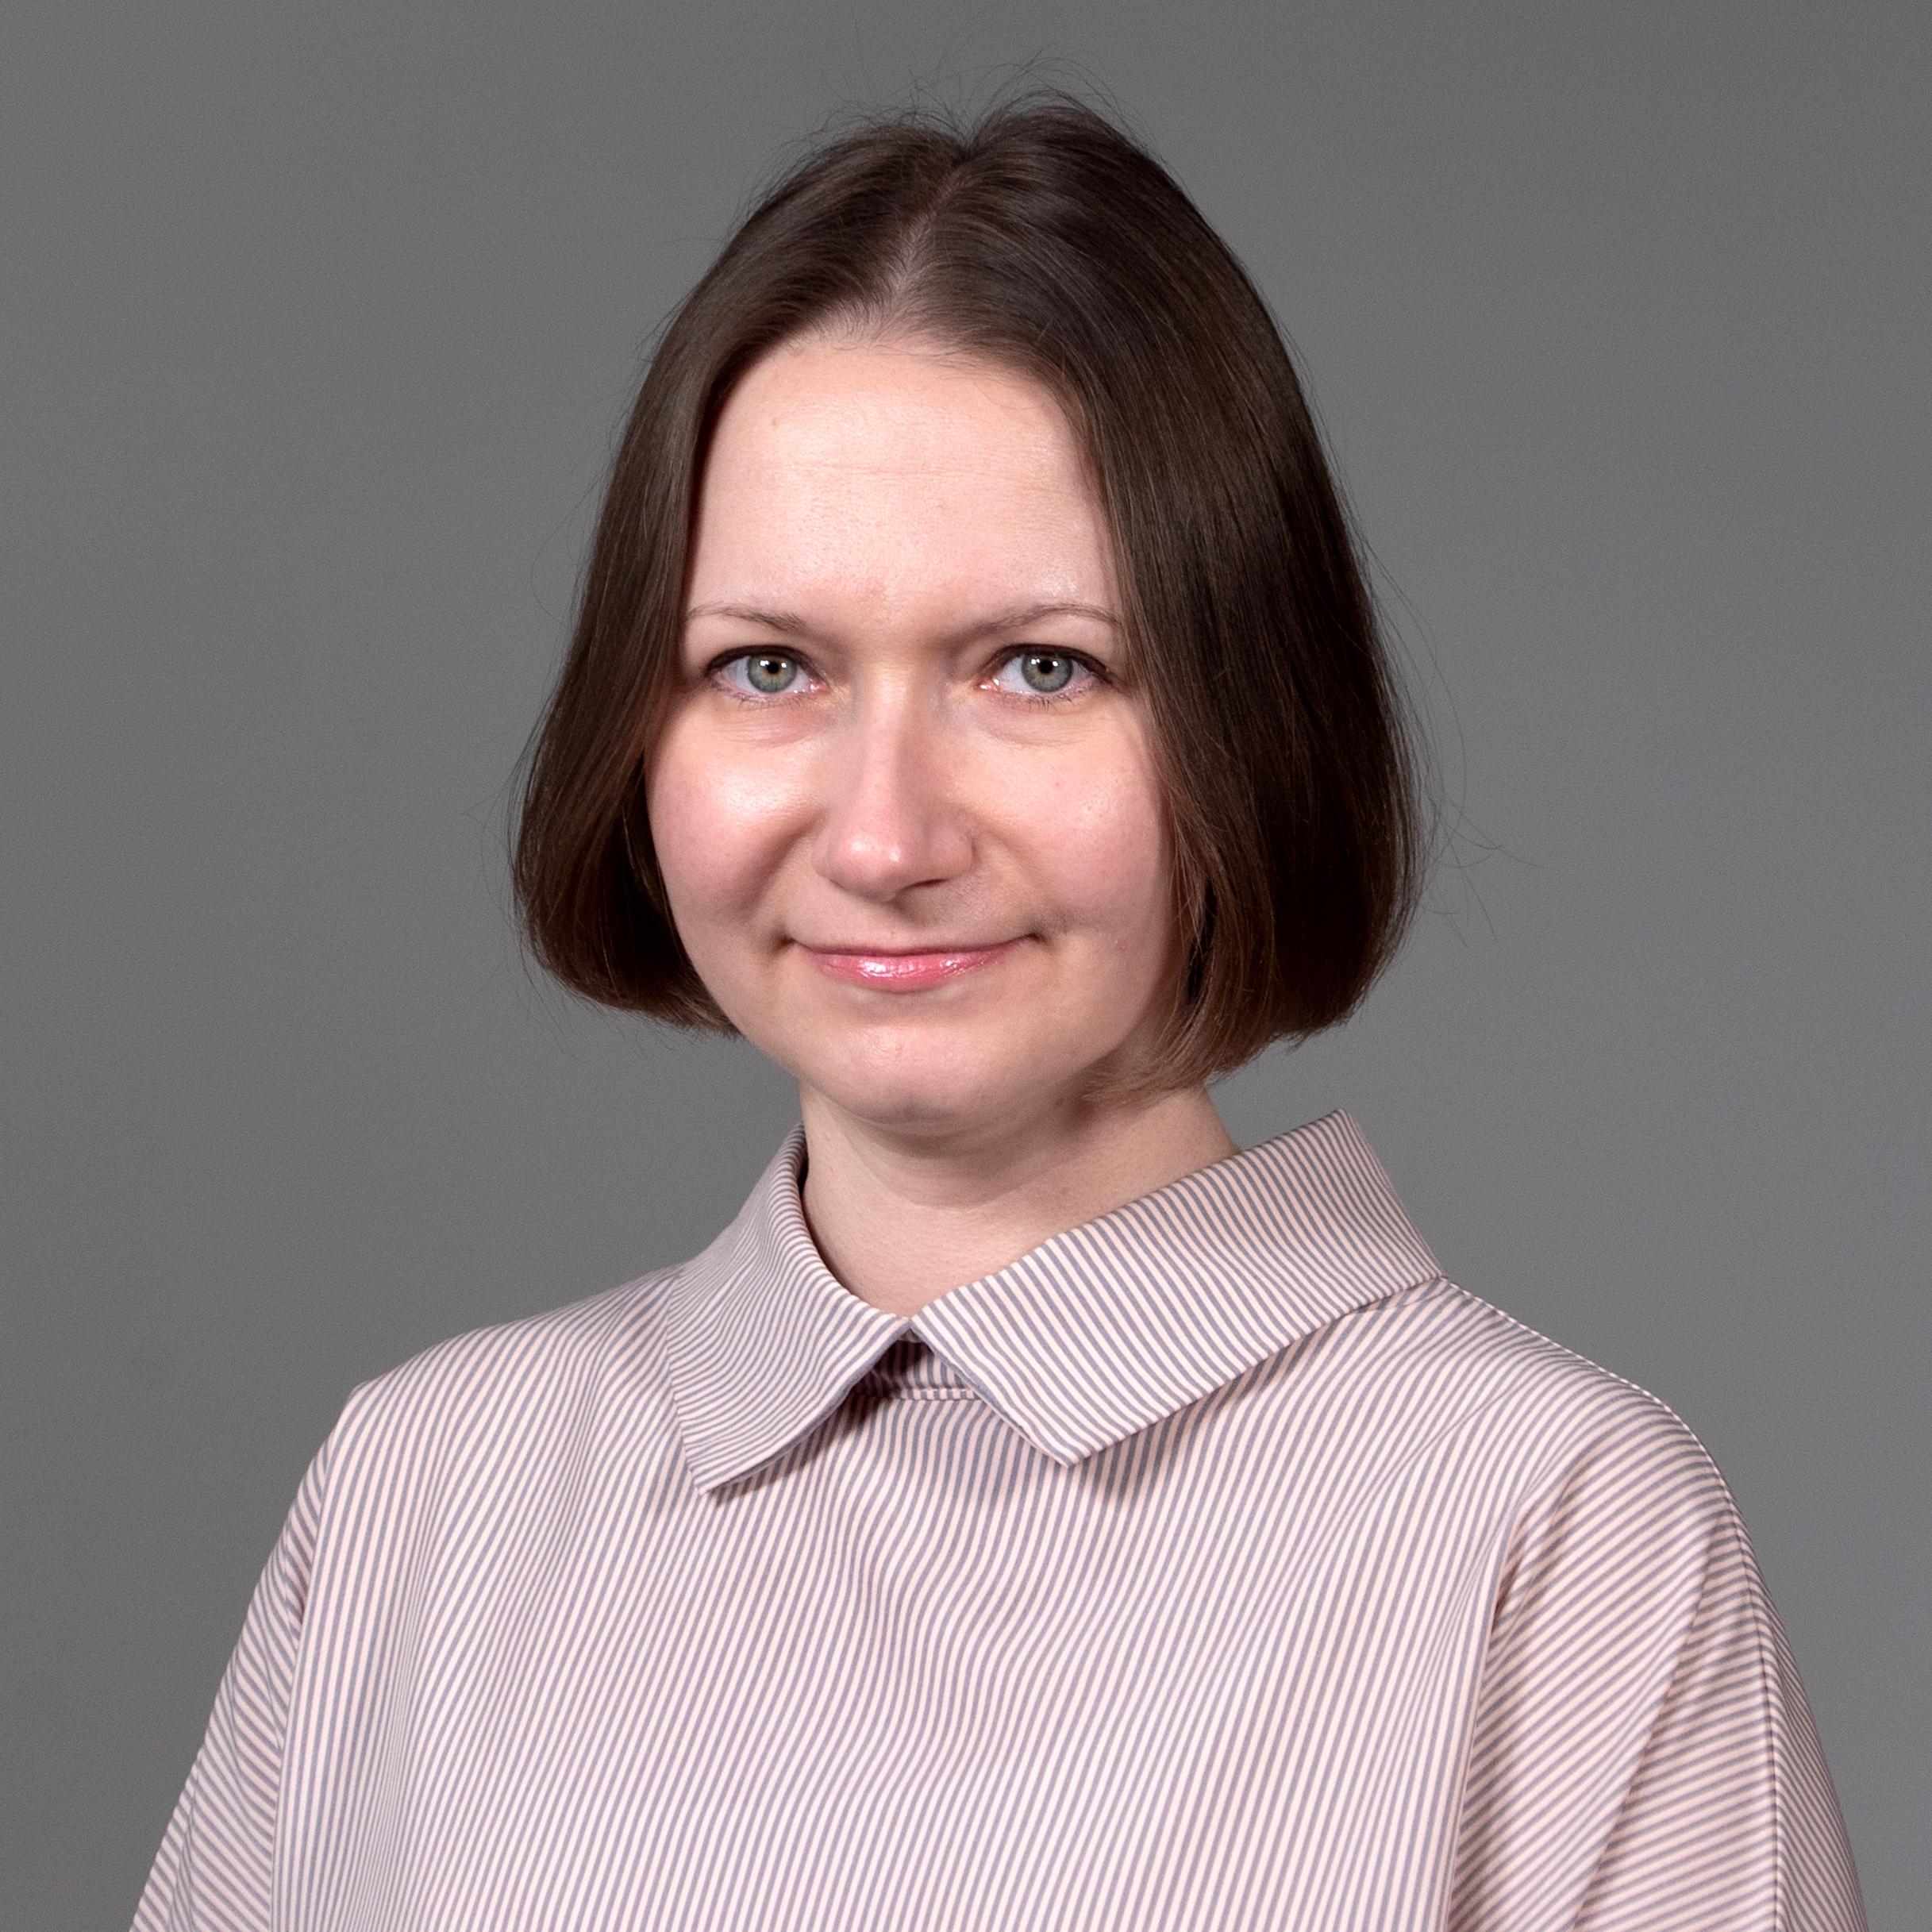 Пенцова Мария Михайловна